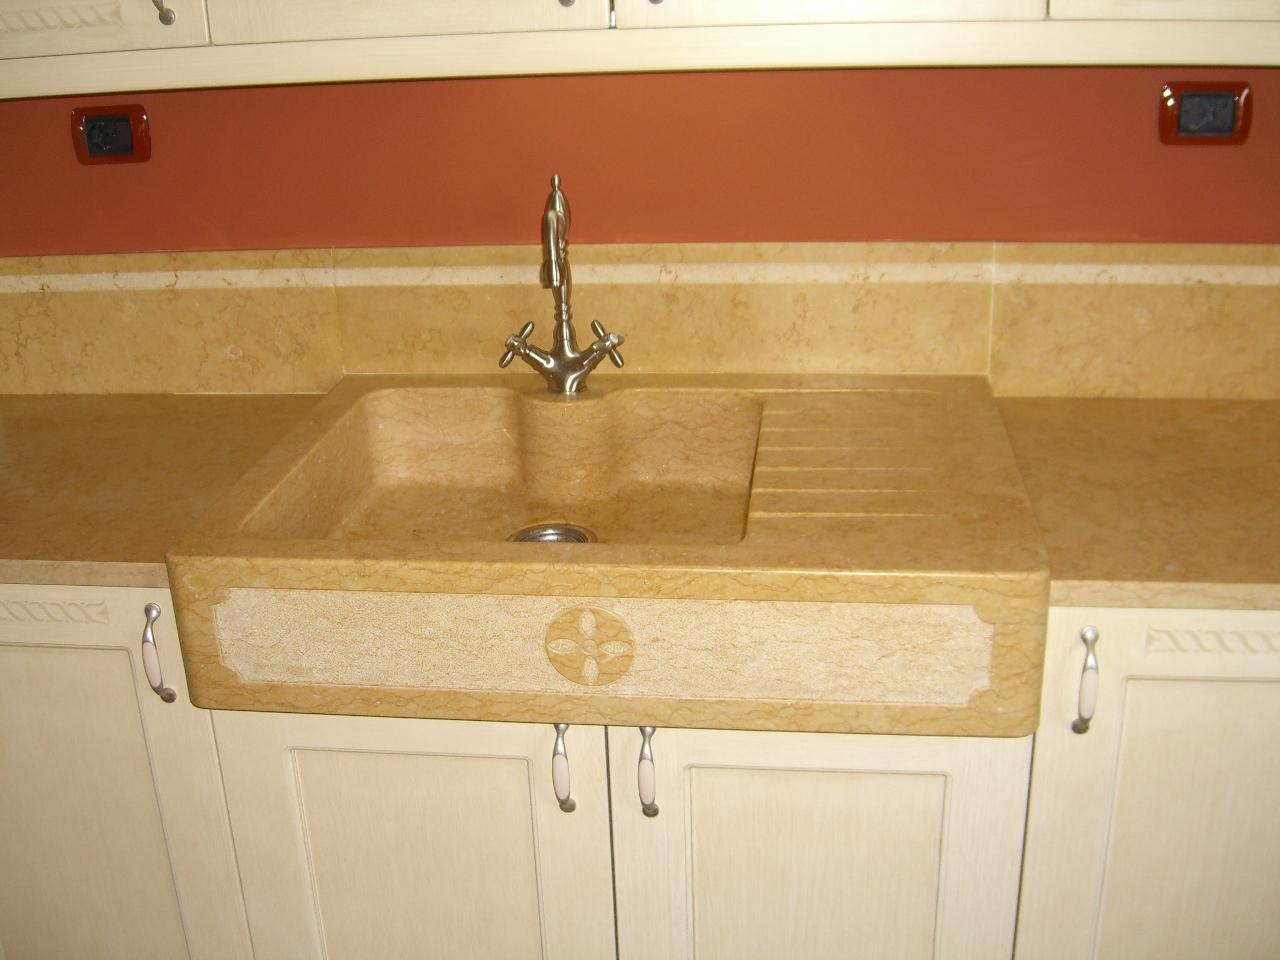 Lavello Cucina Marrone : Lavandino cucina marrone. Lavello cucina ...